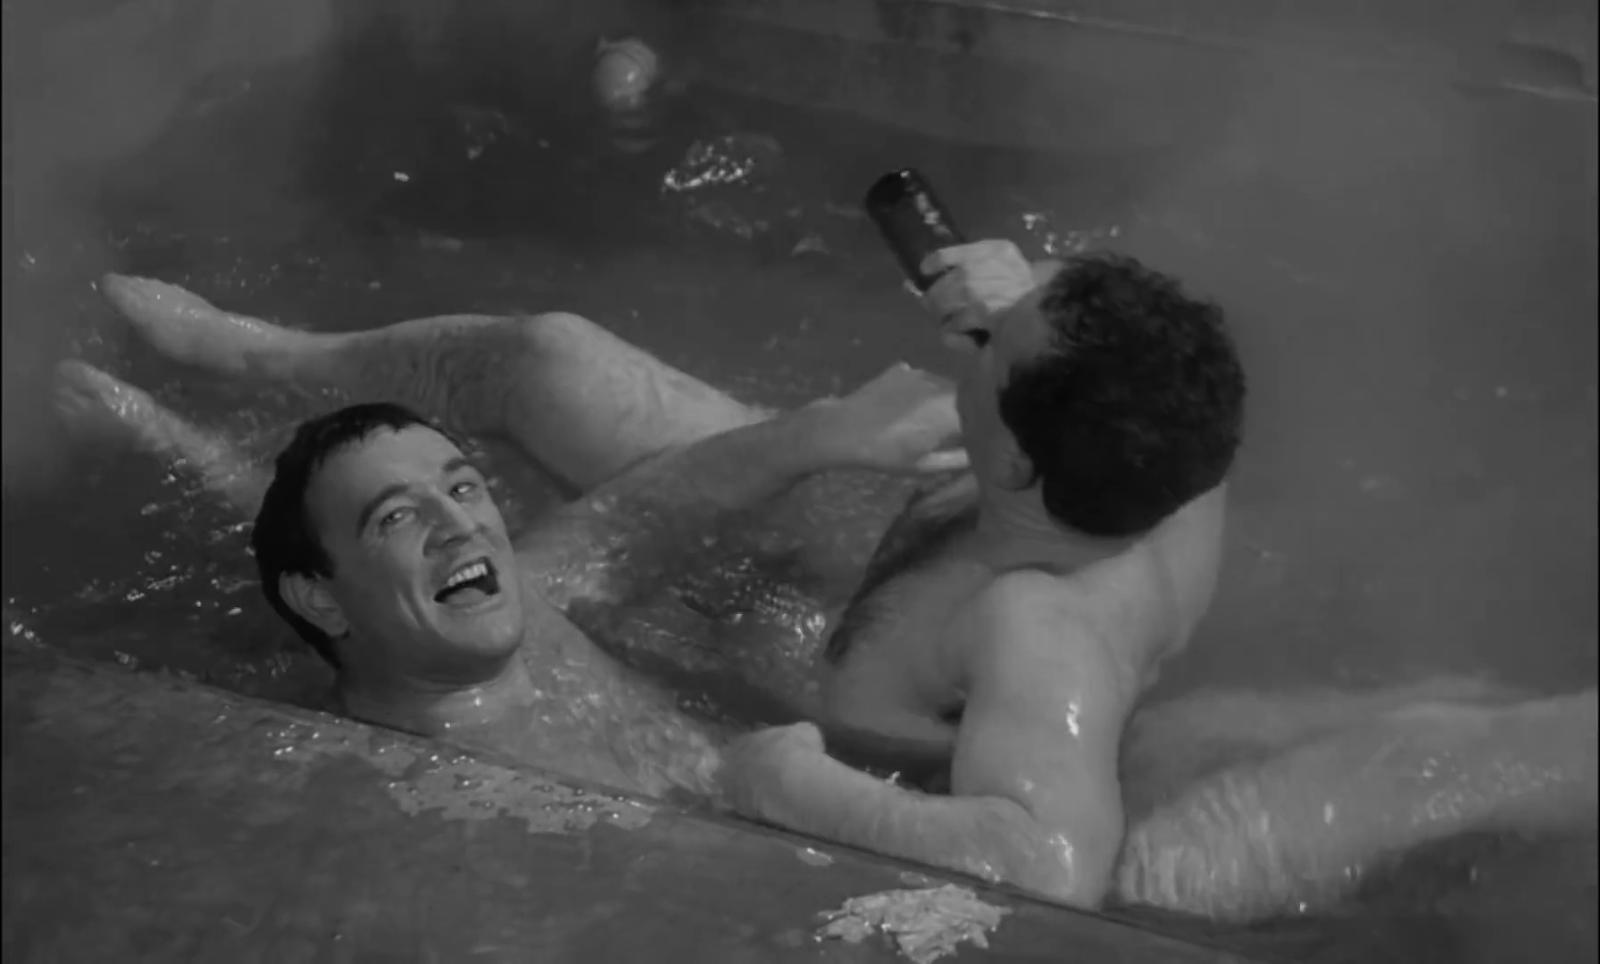 Naked Man In Shower  Hot Girl Hd Wallpaper-7003